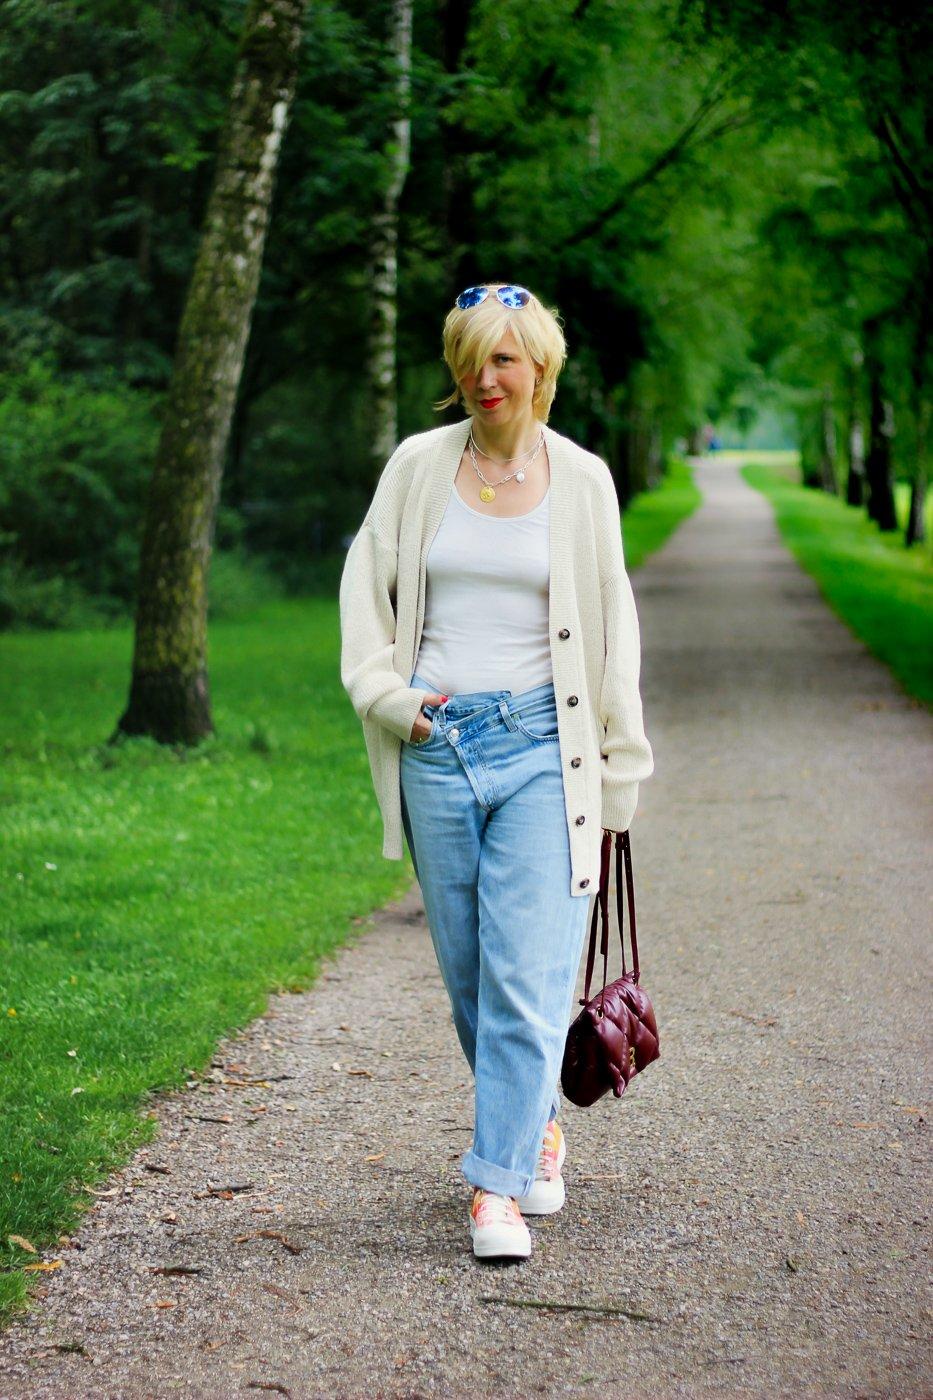 conny doll lifestyle: Schlabberlook im Sommerstyle - ein Ausblick auf den Modeherbst 2021, Denim, Strickjacke, Converse